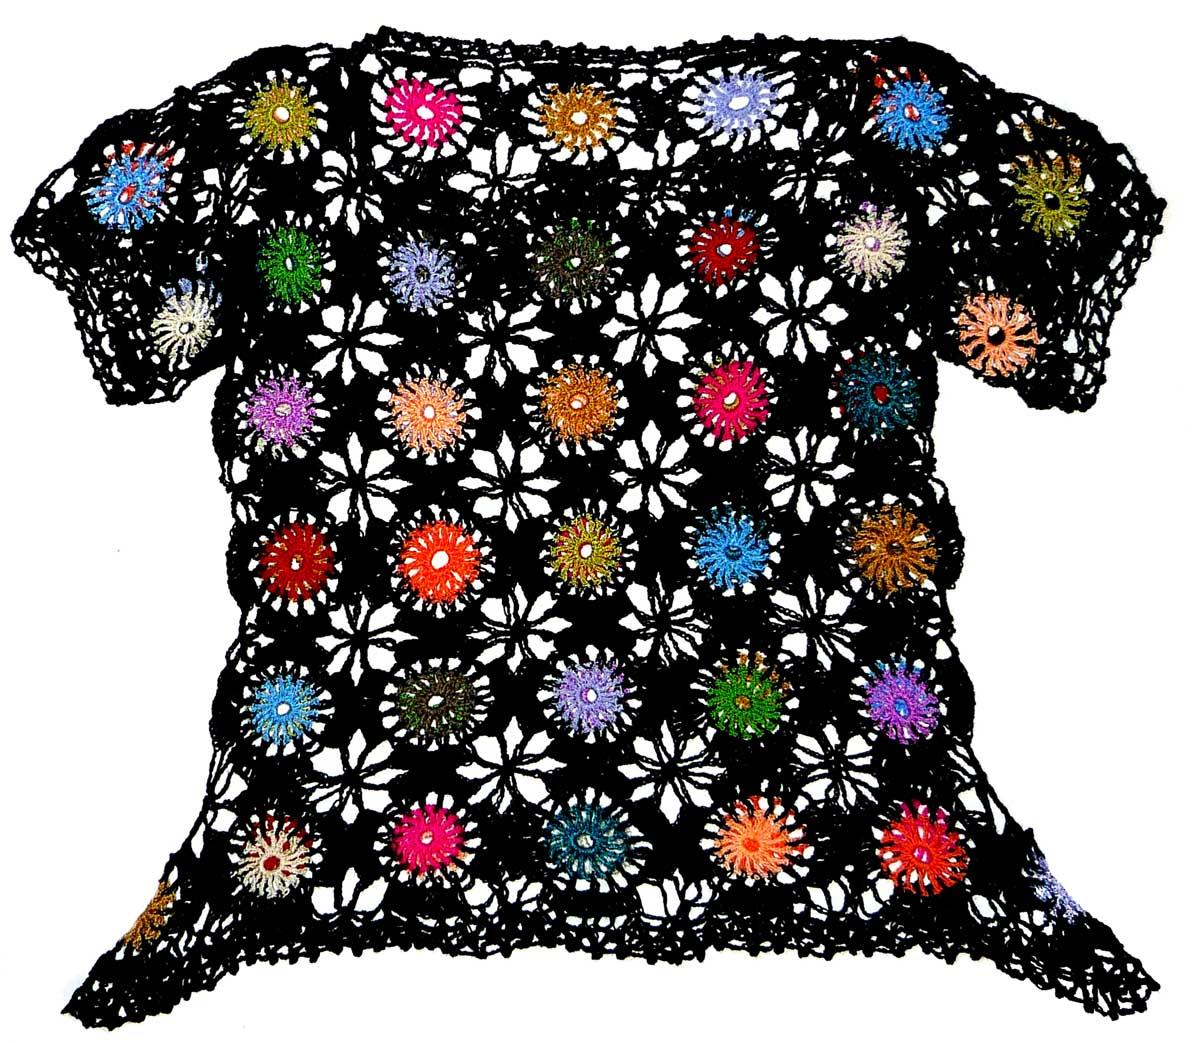 07274b5309 Tejidos Carmesí  Blusa tejida a crochet en hilos de colores negro ...